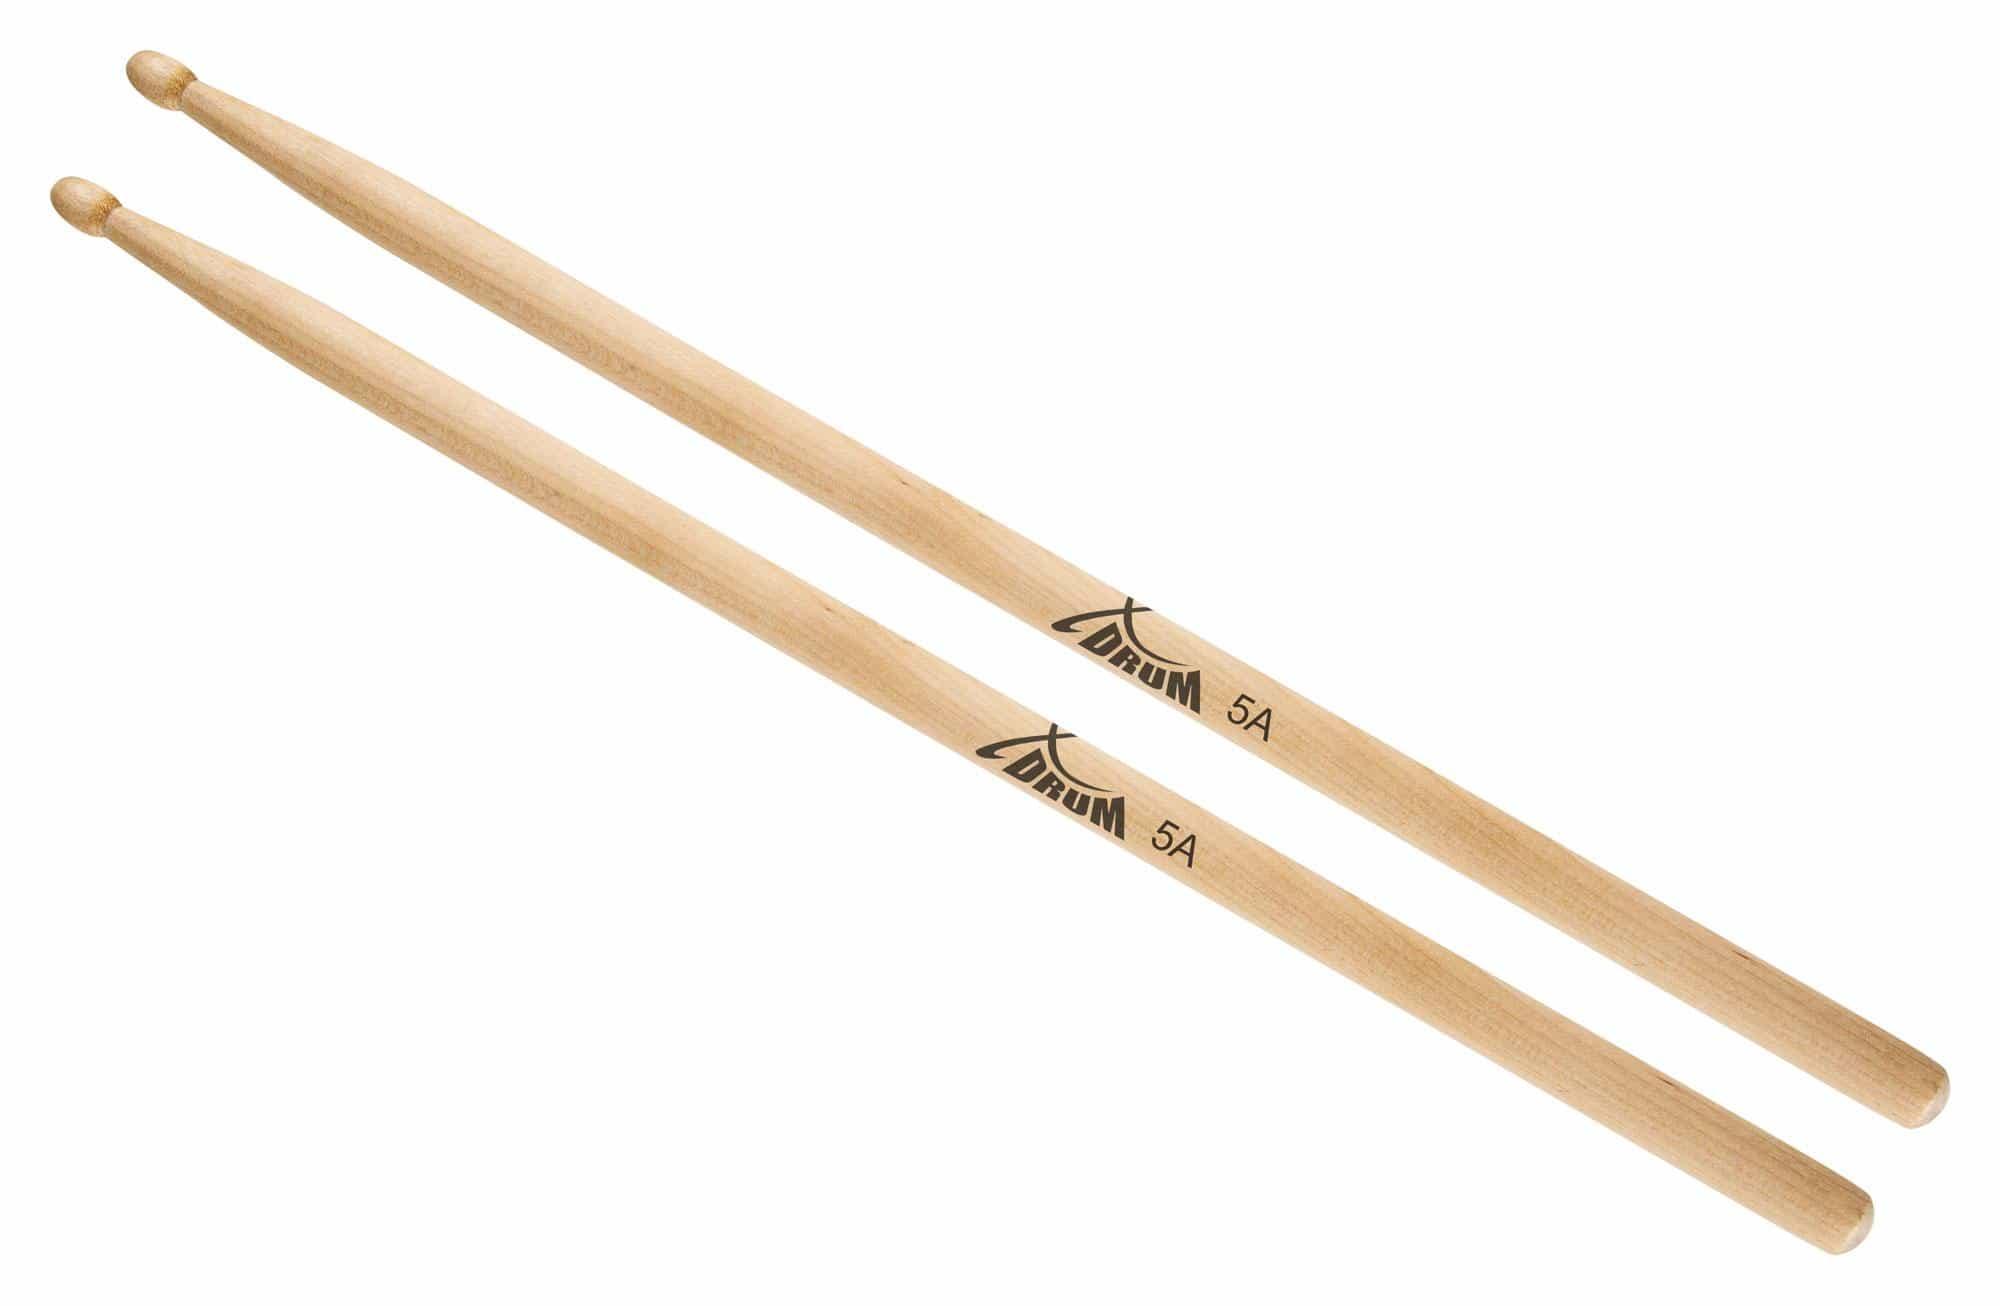 XDrum Schlagzeug Sticks 5A Wood Tip